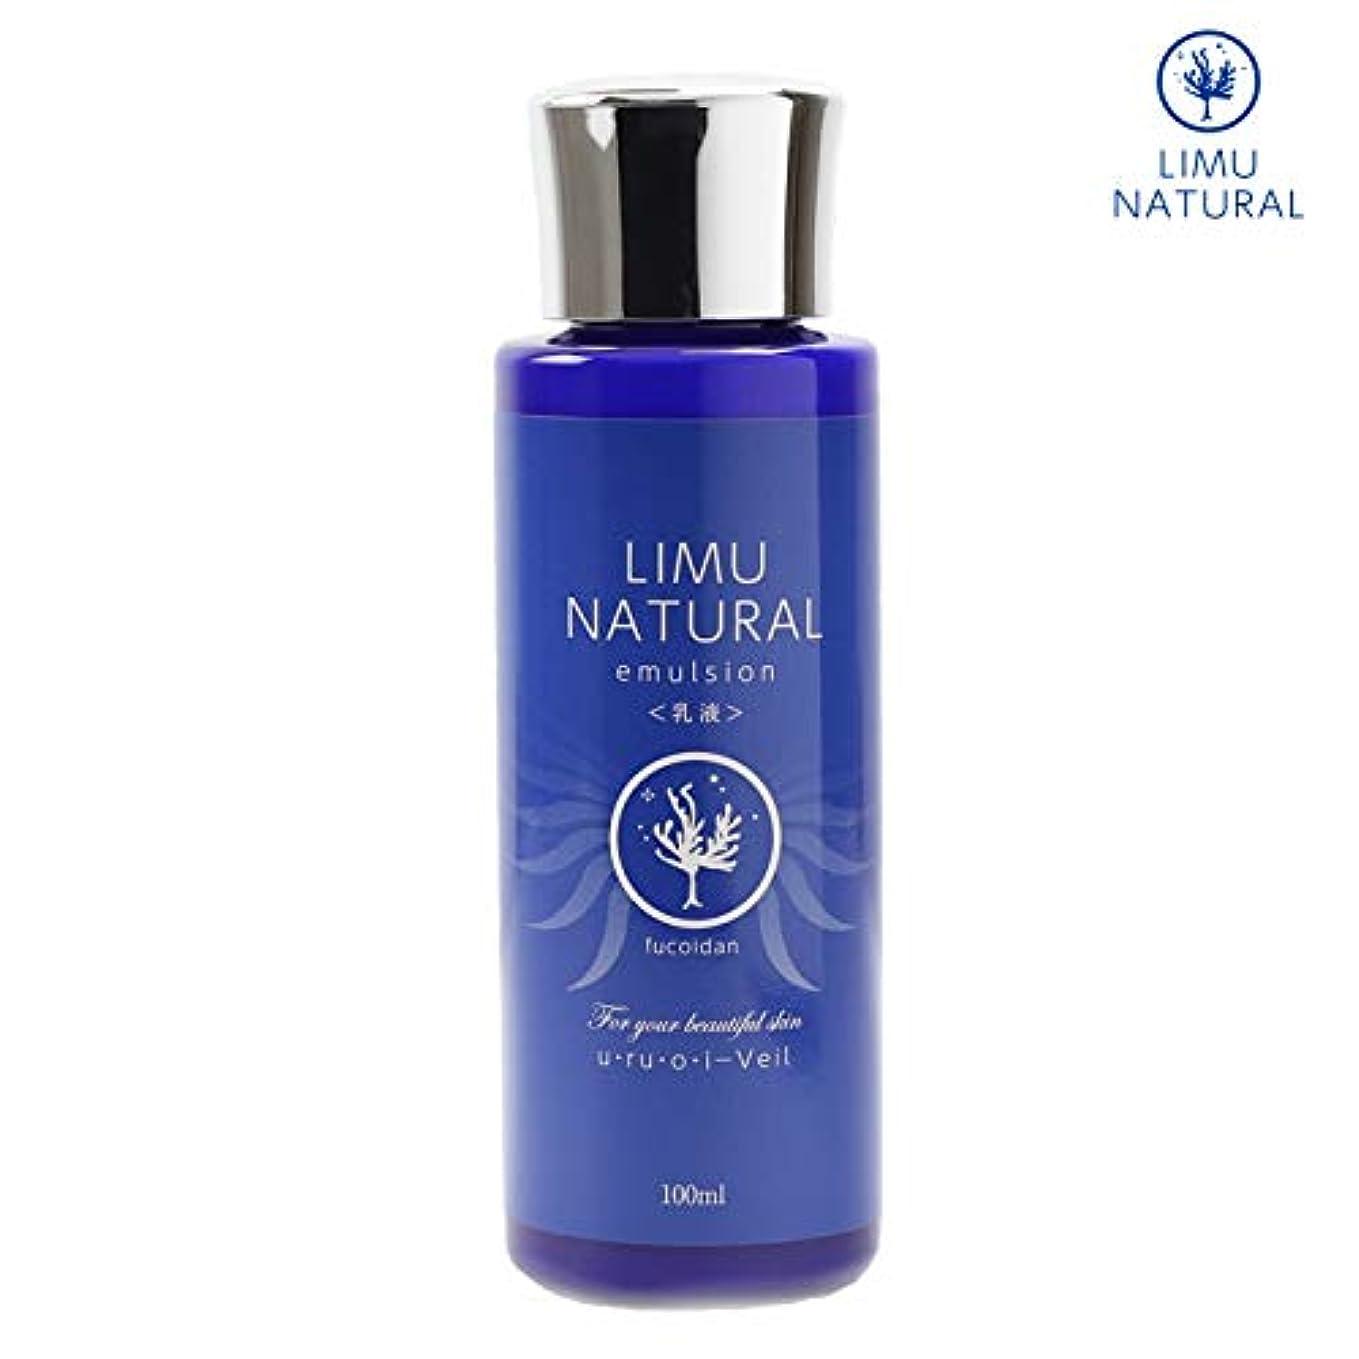 枕落ち着いた百リムナチュラル 乳液 LIMU NATURAL EMULSION (100ml) 海の恵「フコイダン」と大地の恵「グリセリルグルコシド」を贅沢に配合